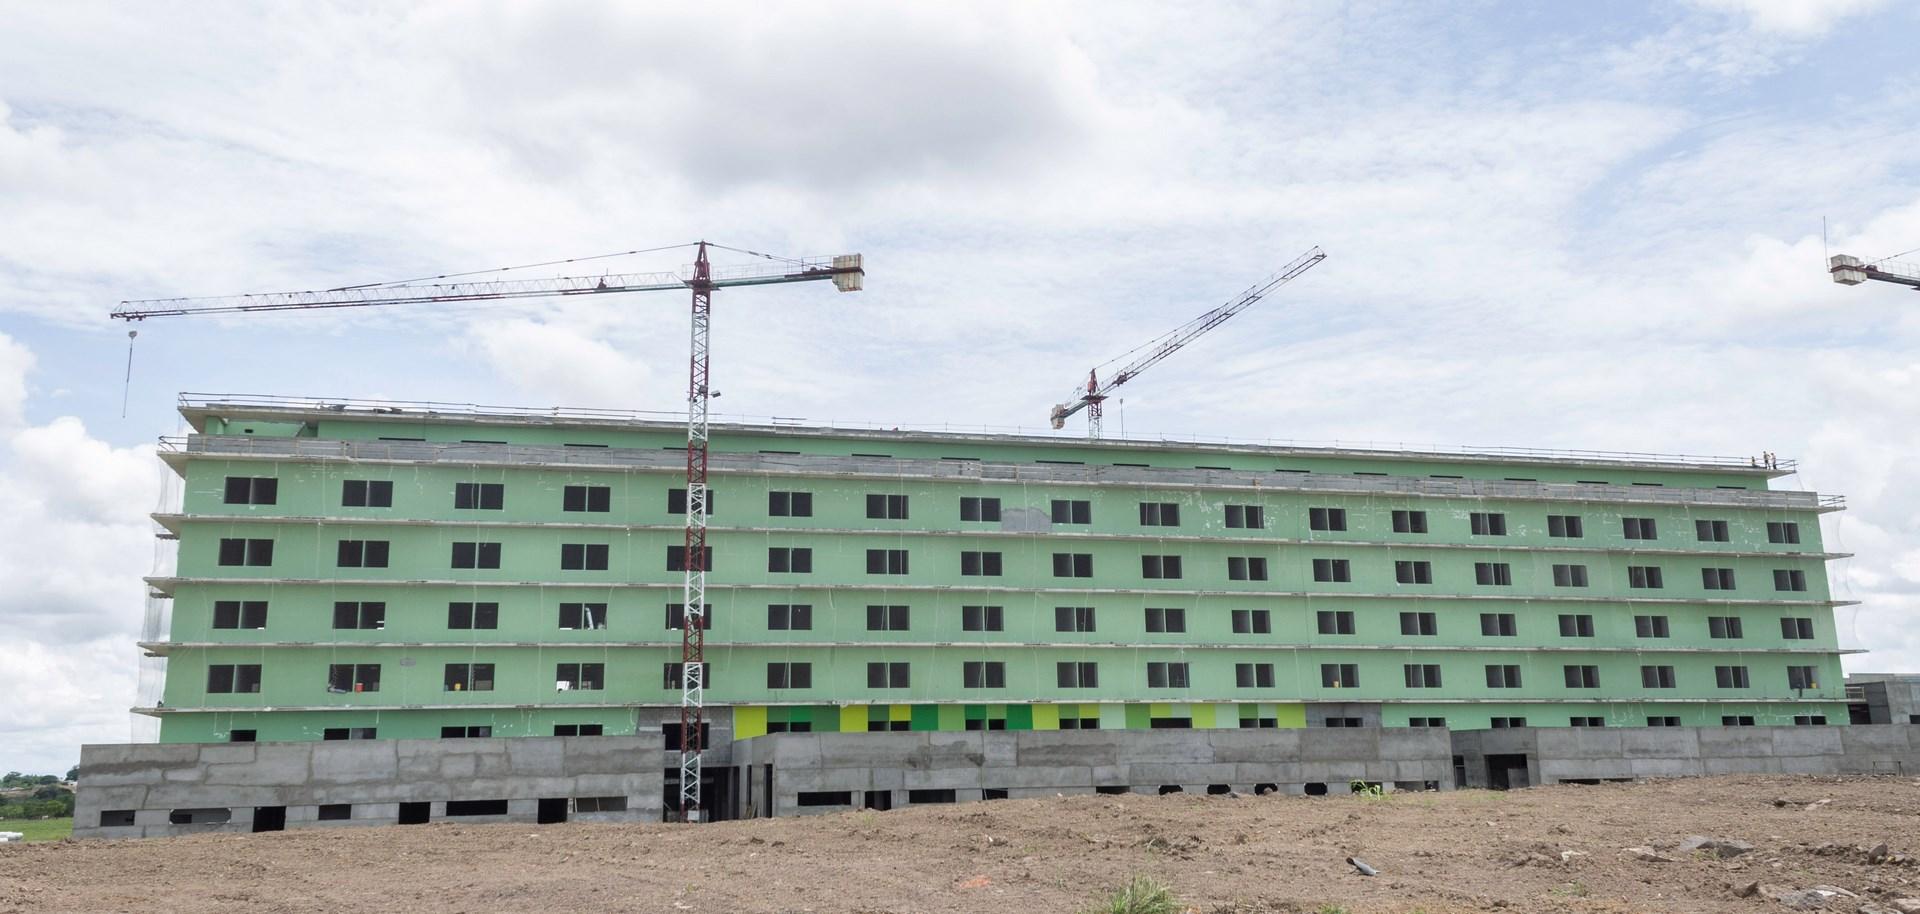 Façade of the new hospital